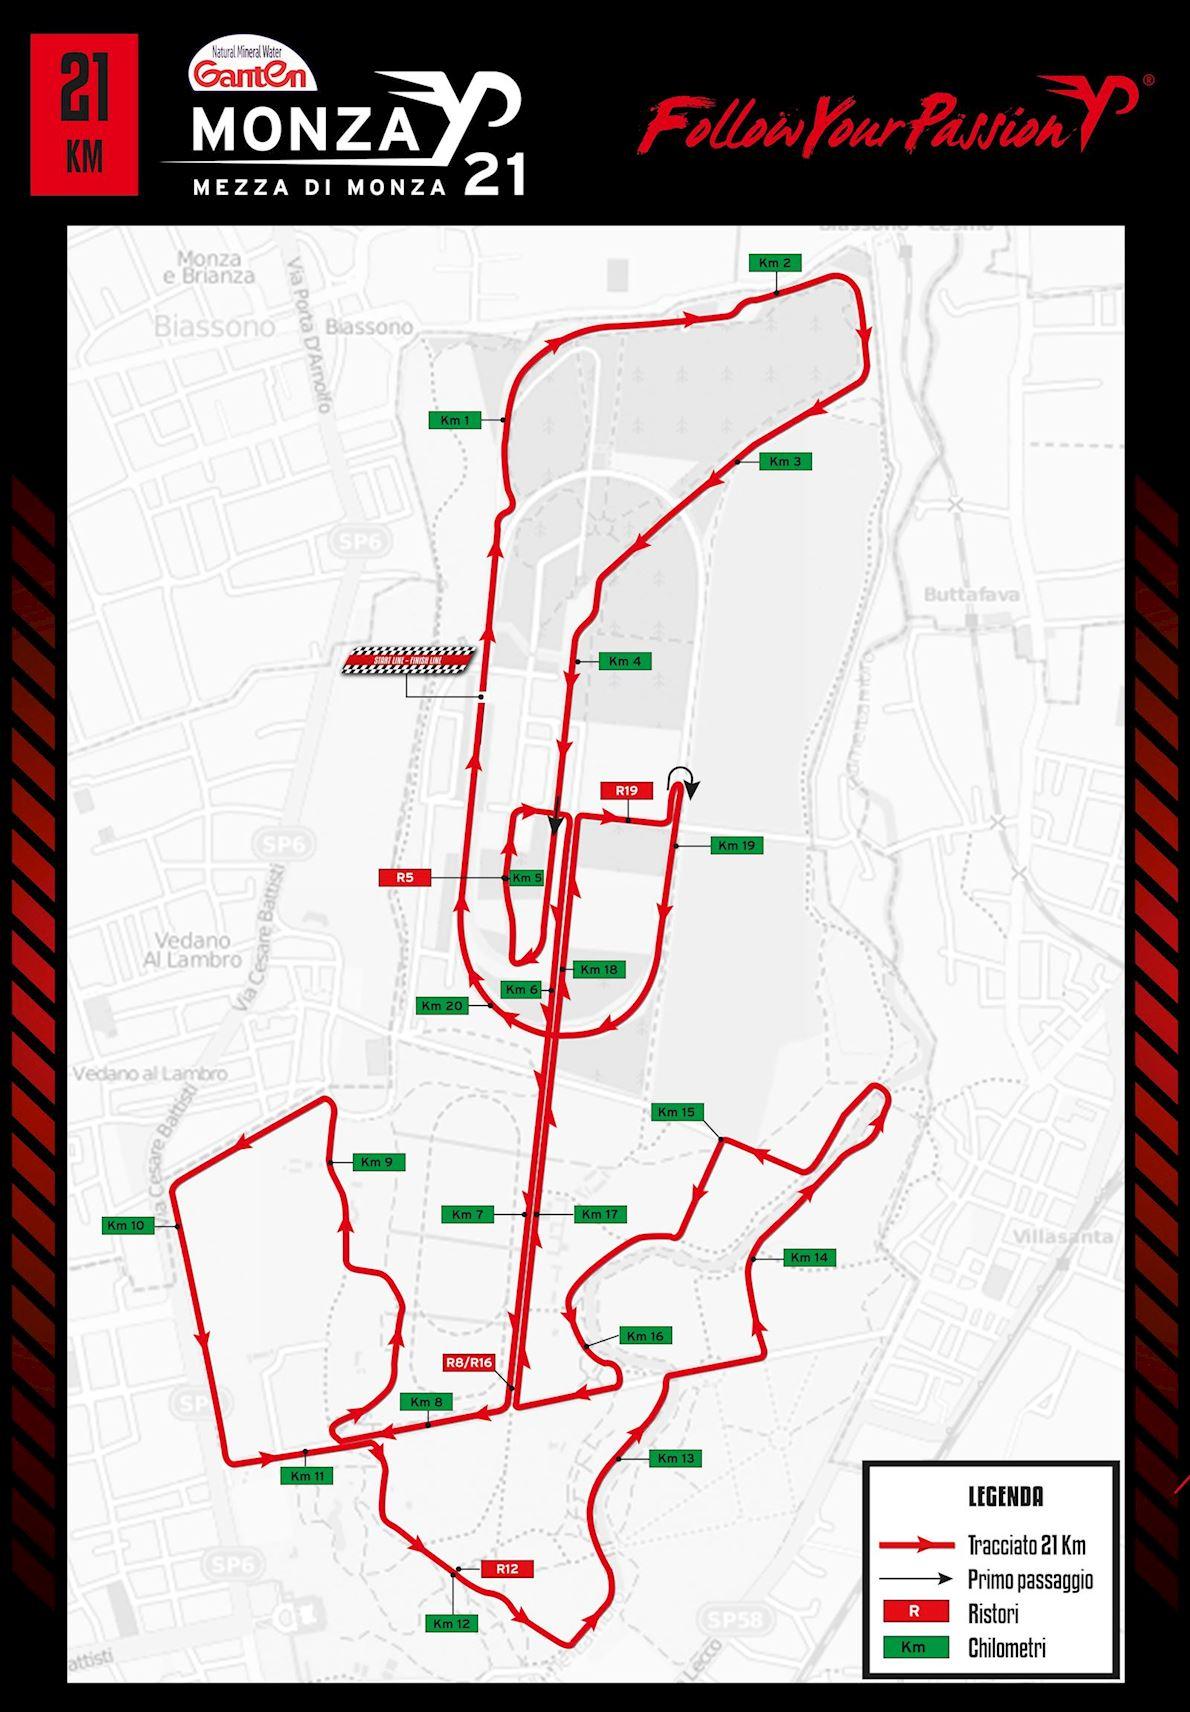 Mezza Di Monza Route Map